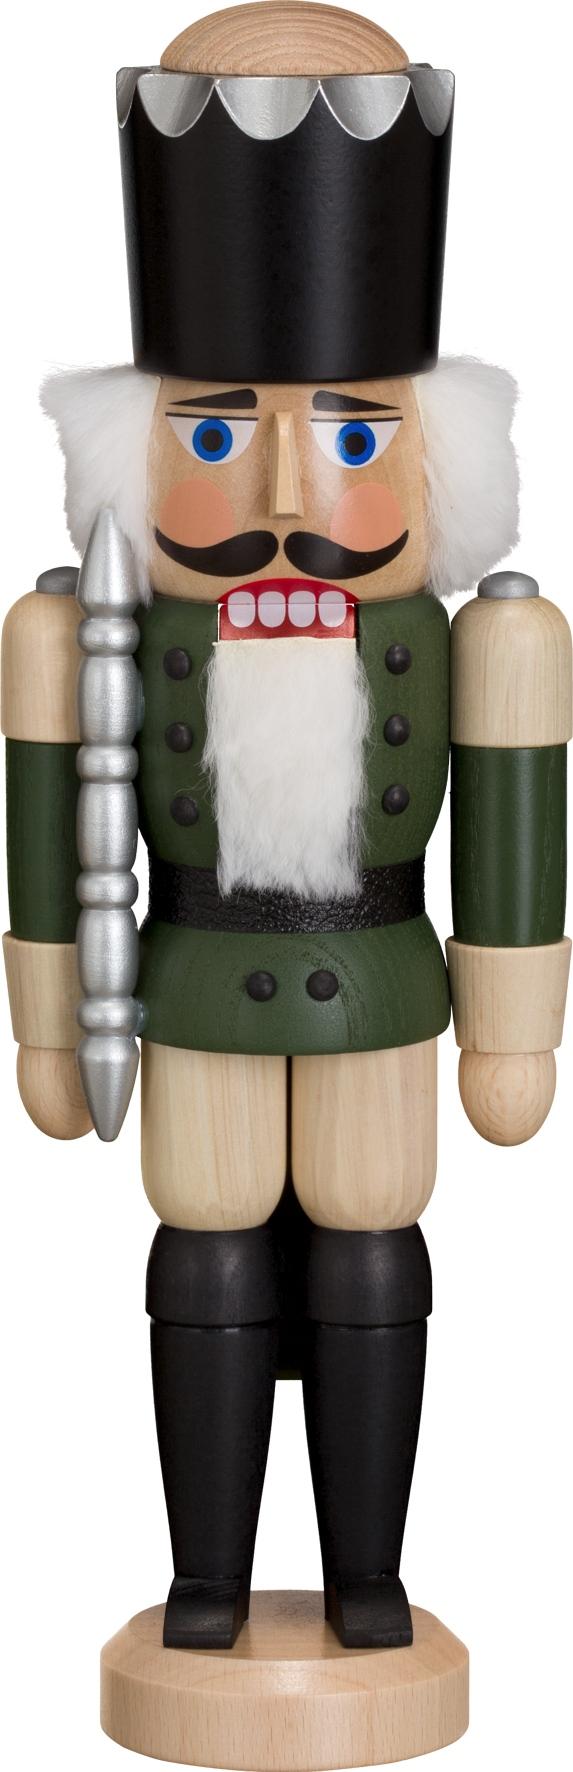 Weihnachtsdekoration Nußknacker König grün HxBxT = 29x10x8cm NEU